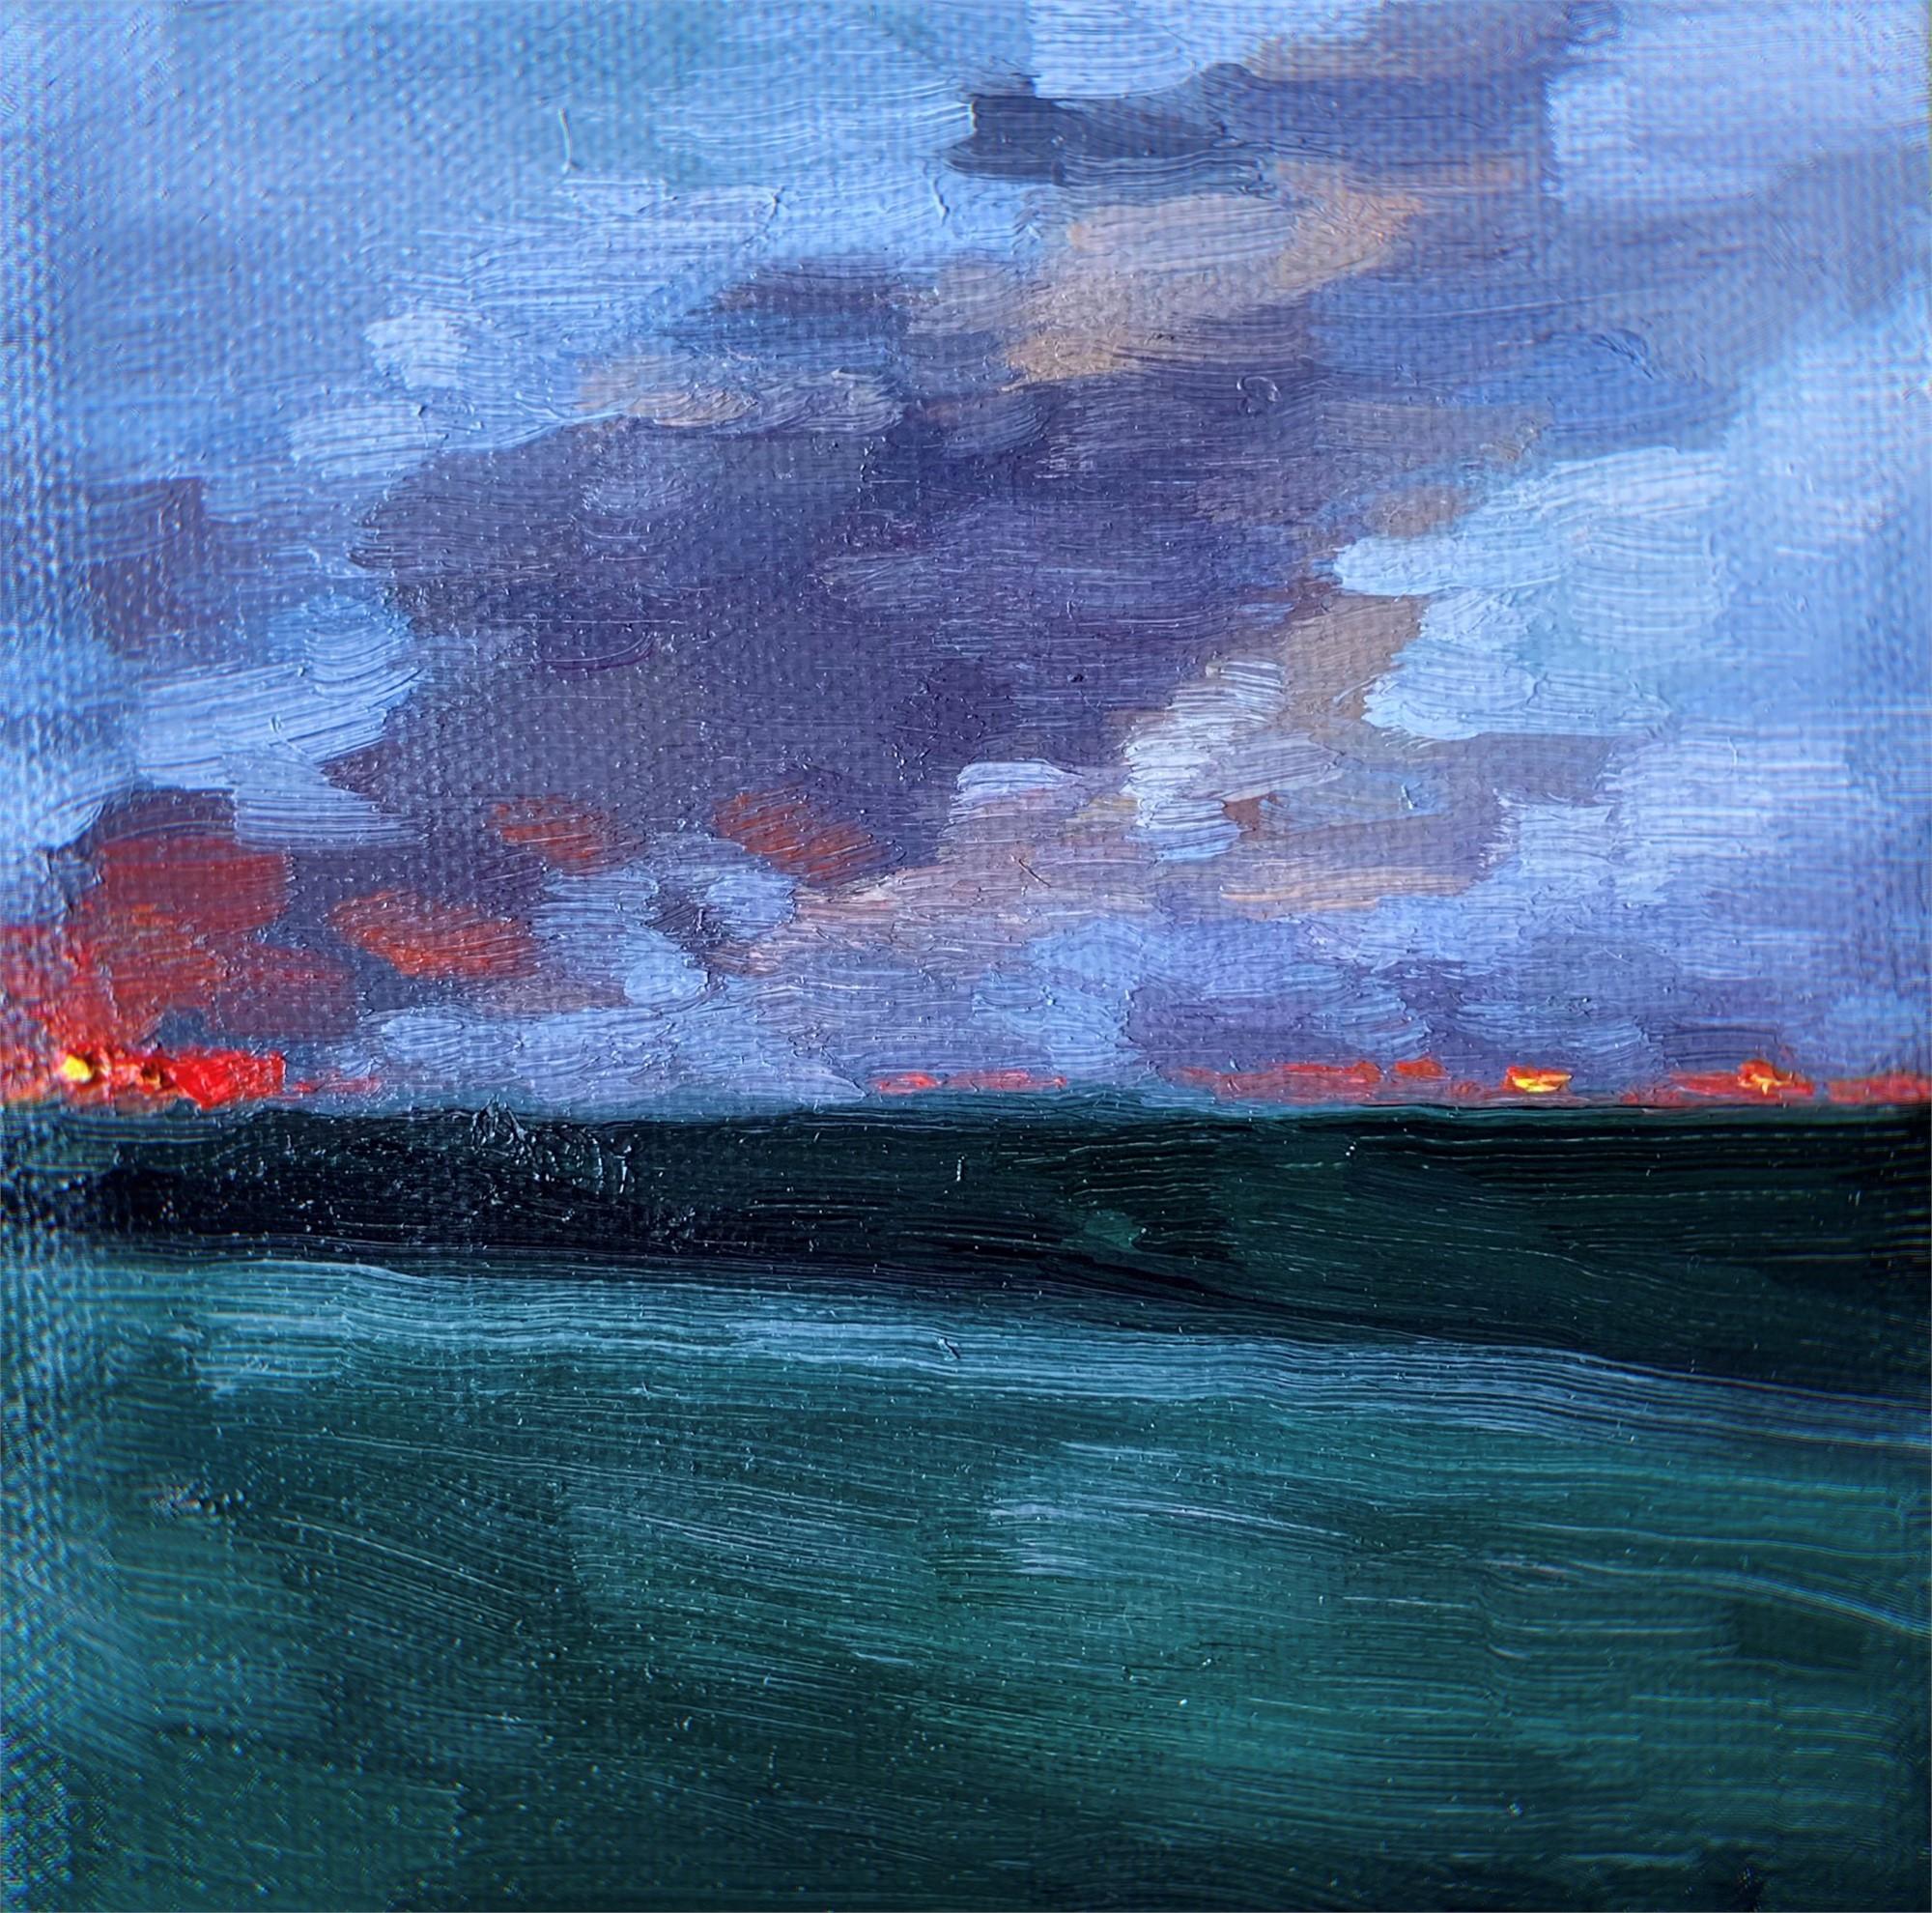 Burning 3 by Daliah Ammar